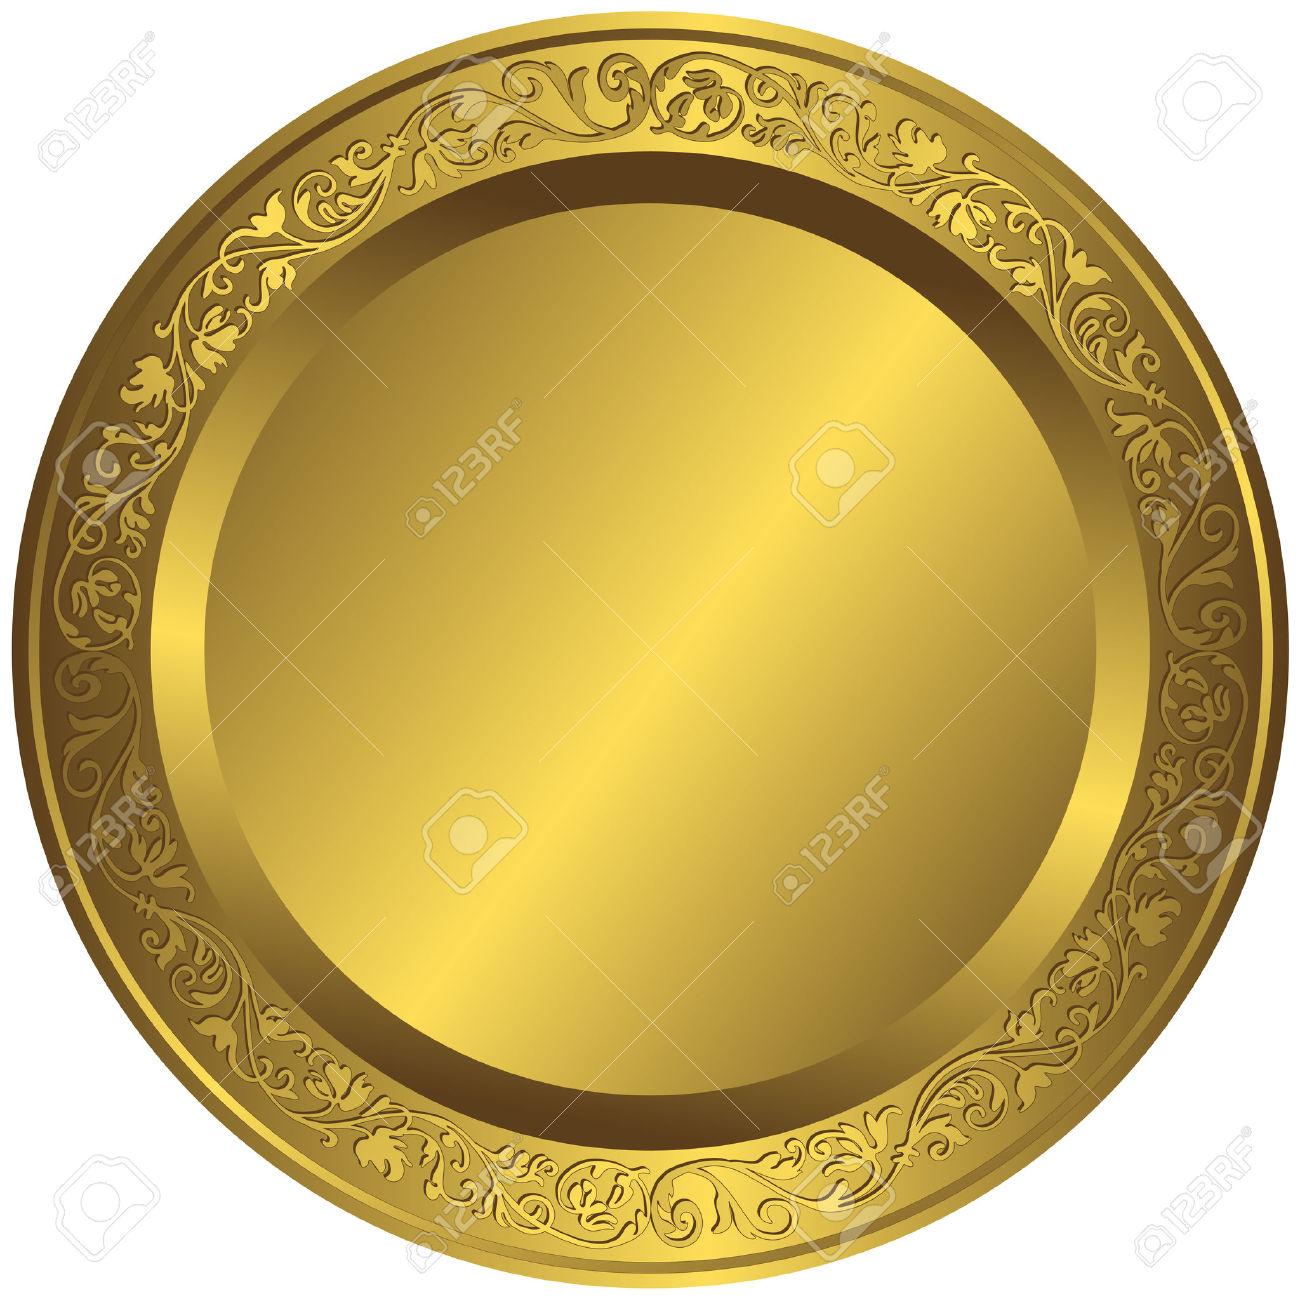 Golden plates clipart.